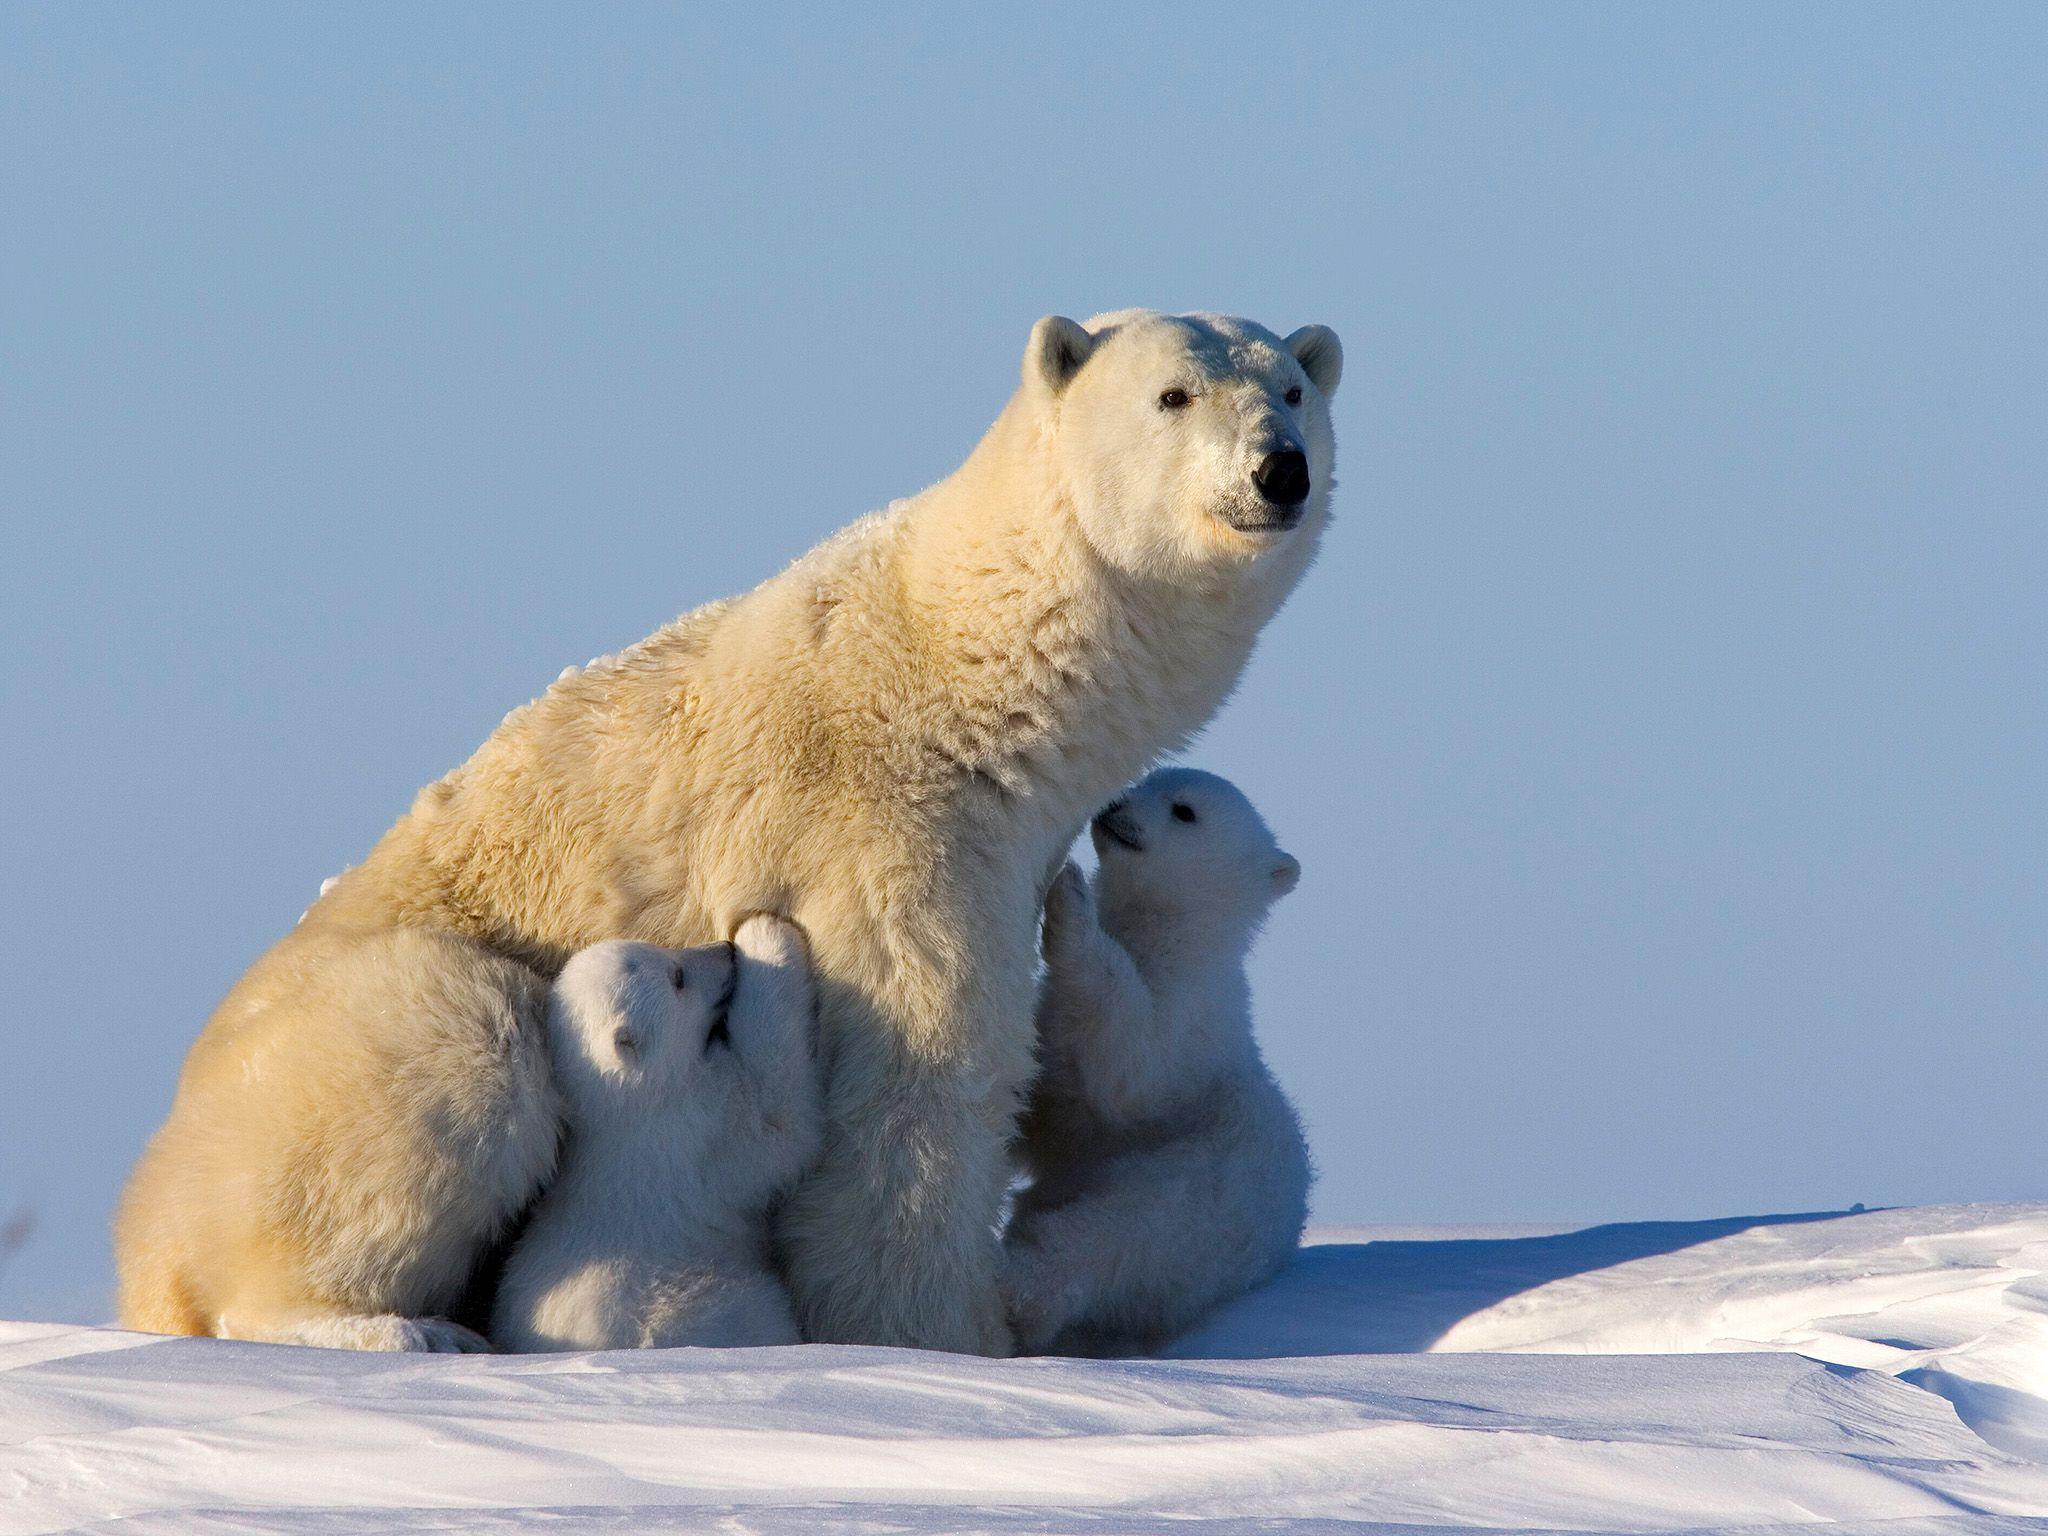 De camino al mar helado, la mamá oso va parando para amamantar a sus cachorros [Foto del día - abril 2015]